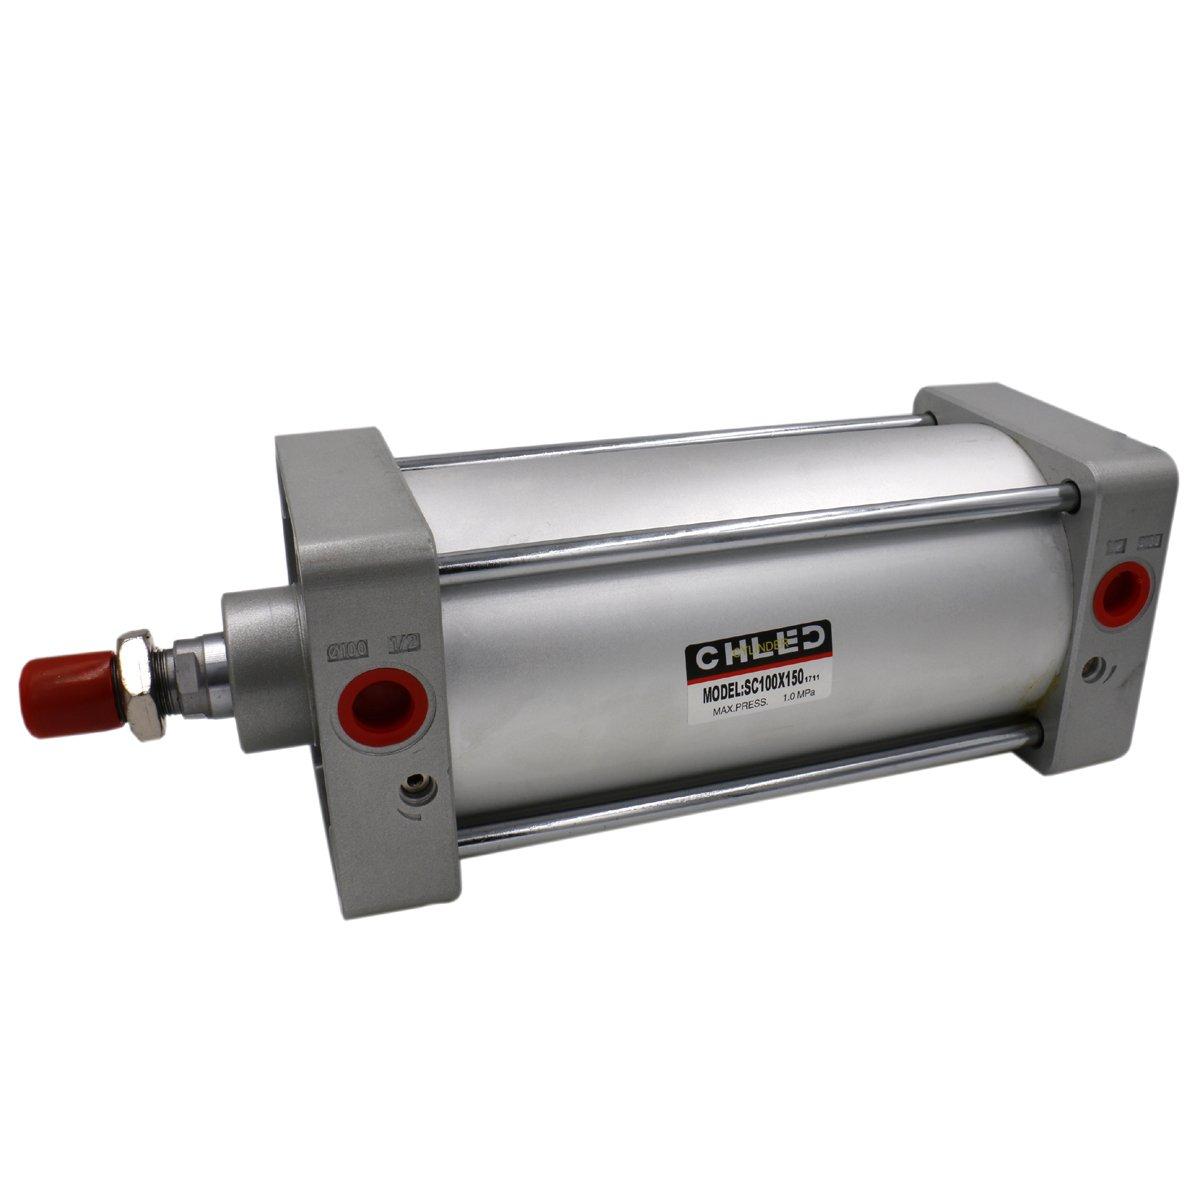 Heschen pneumatico standard cilindro SC 100 –  150 PT1/2 porte 100 mm (10, 2 cm) Diametro 150 mm (15, 2 cm) corsa a doppio effetto 2cm) Diametro 150mm (15 2cm) corsa a doppio effetto CHLED Pneumatic